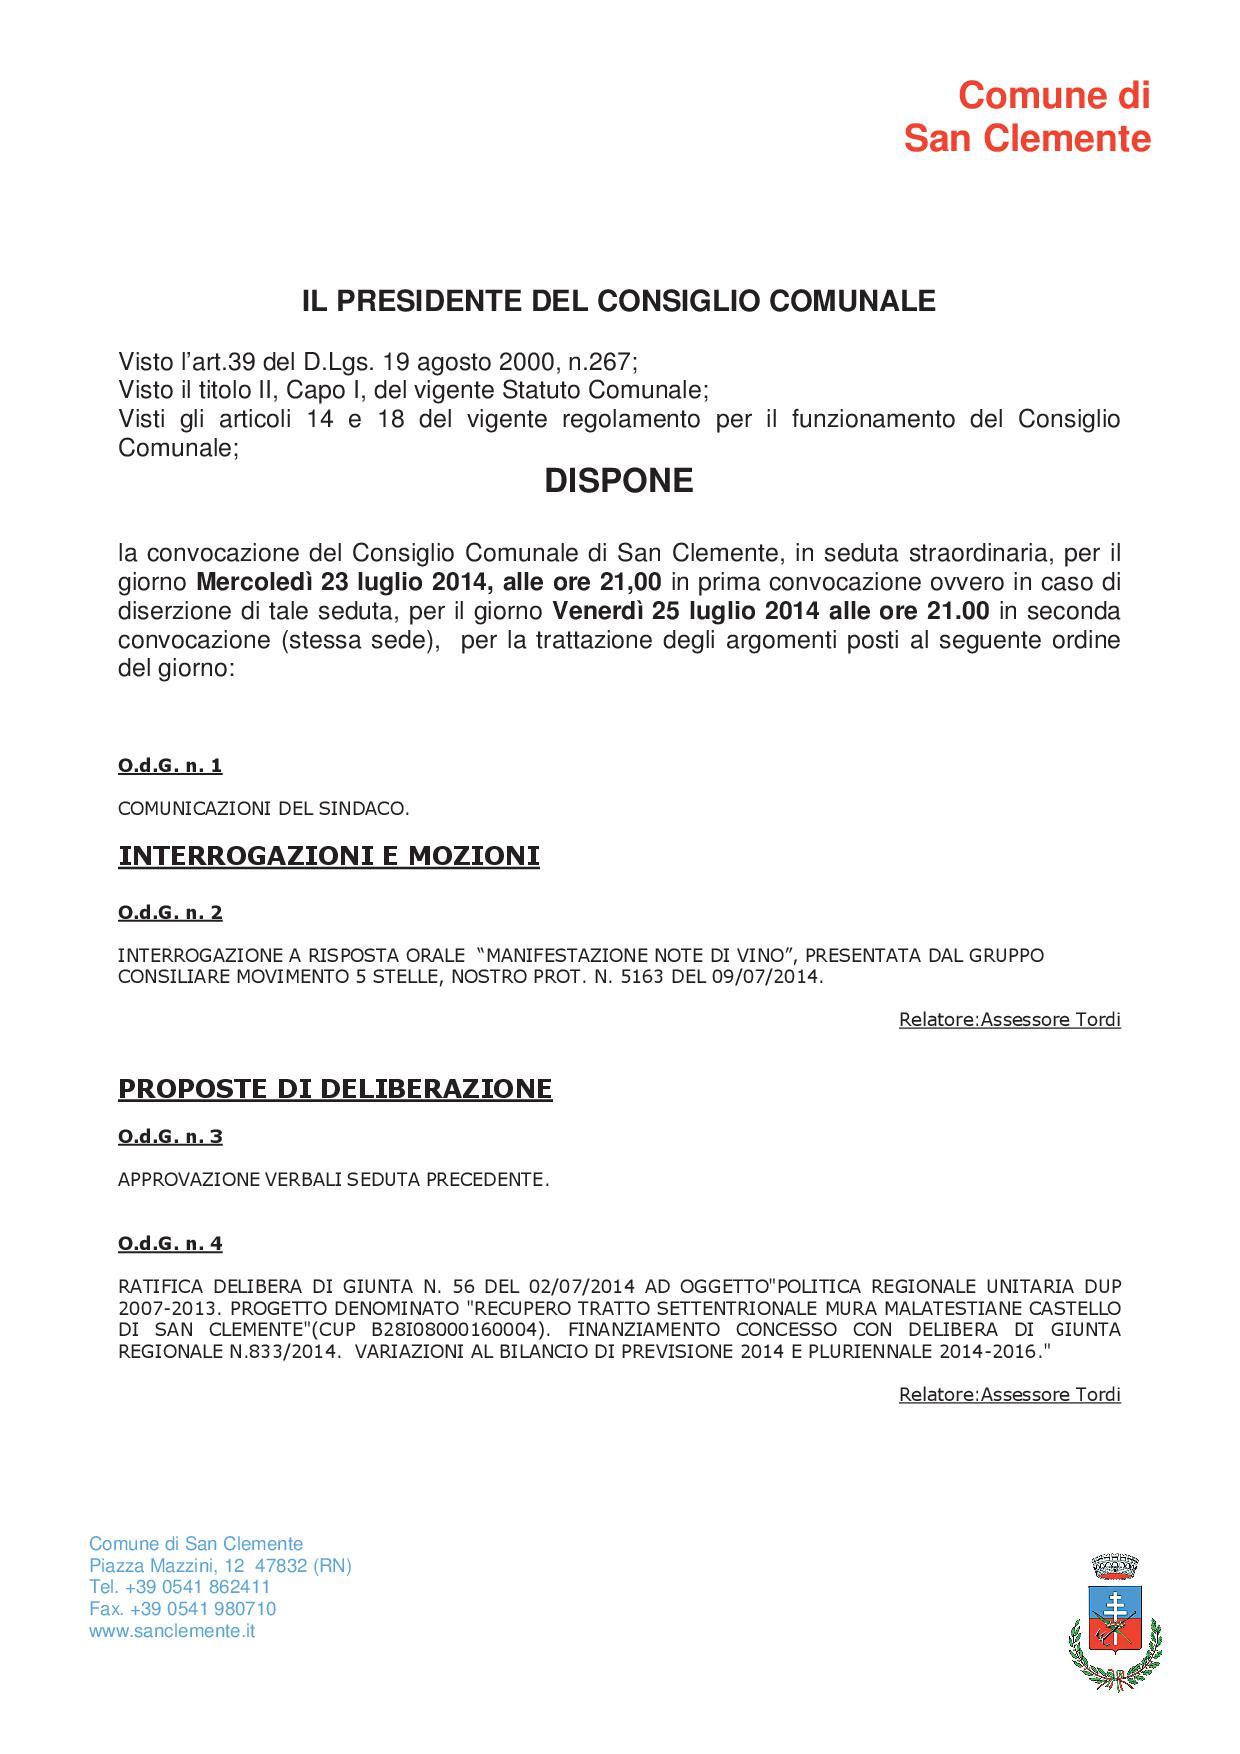 CC_23-07-2014.pdf